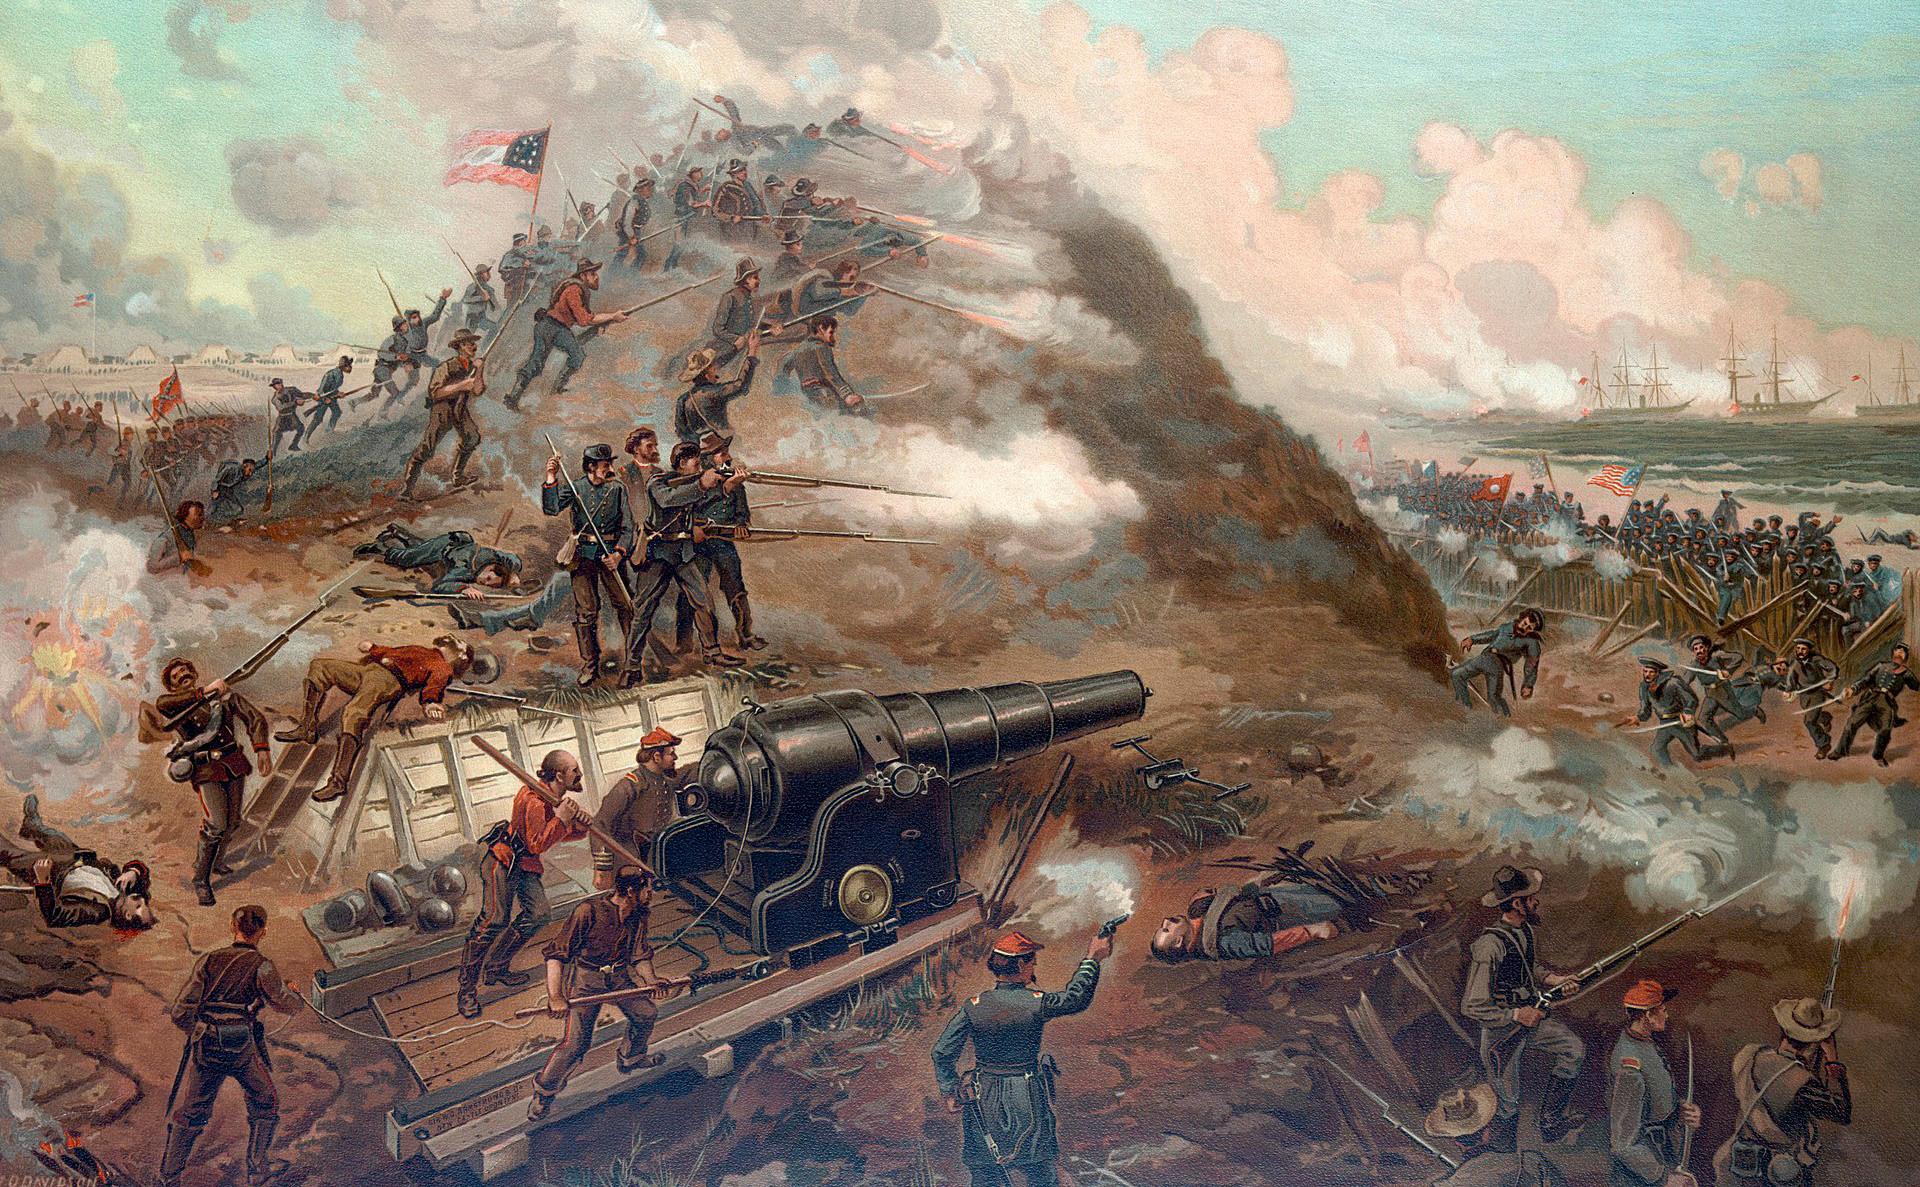 Илустрација: Амерички грађански рат.